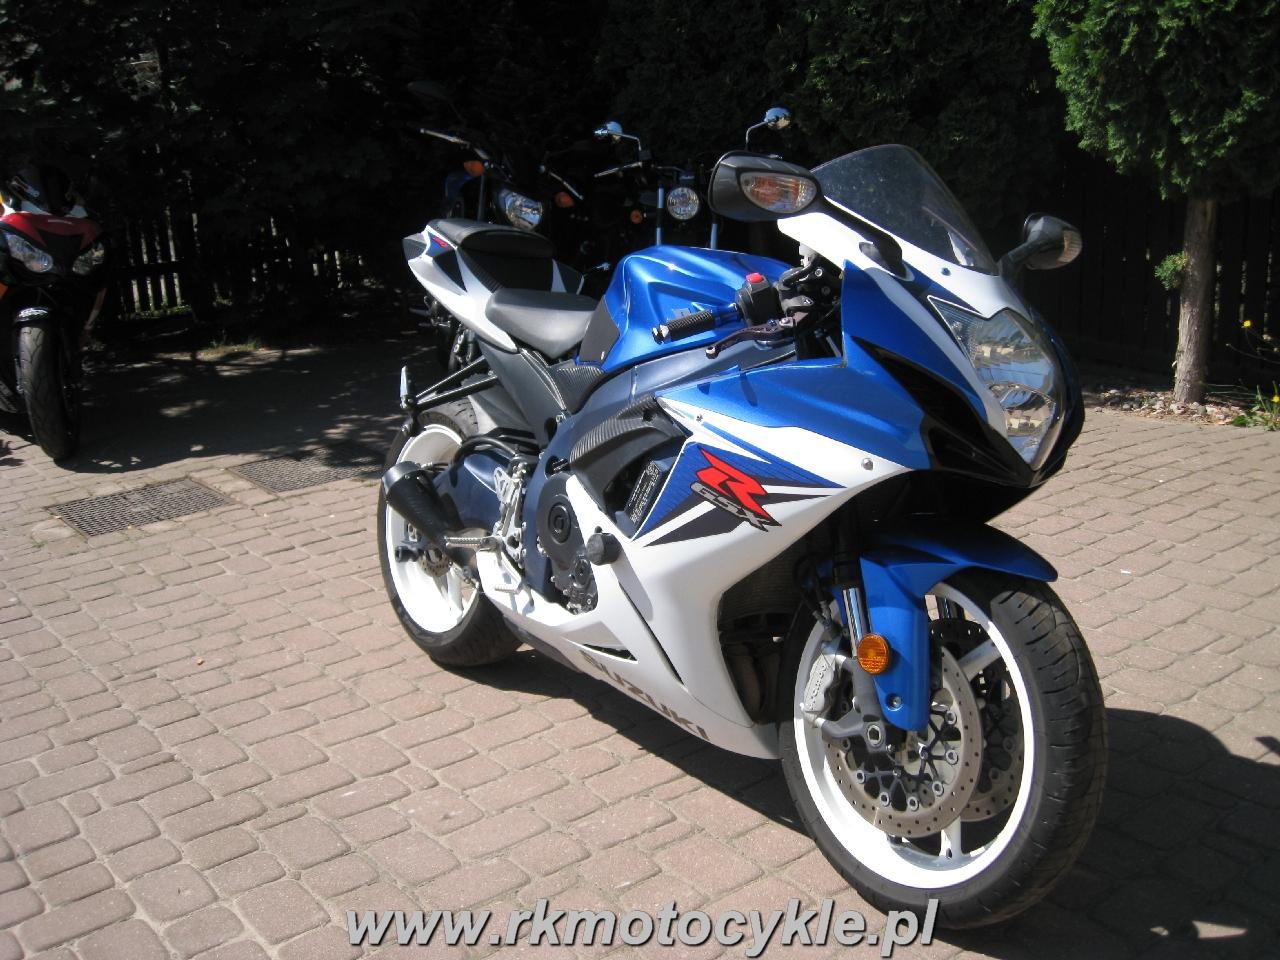 Brp Can Am >> RK MOTOCYKLE - SUZUKI GSXR 600 L1 GSX-R 600 L1 L2 L3 L4 L5